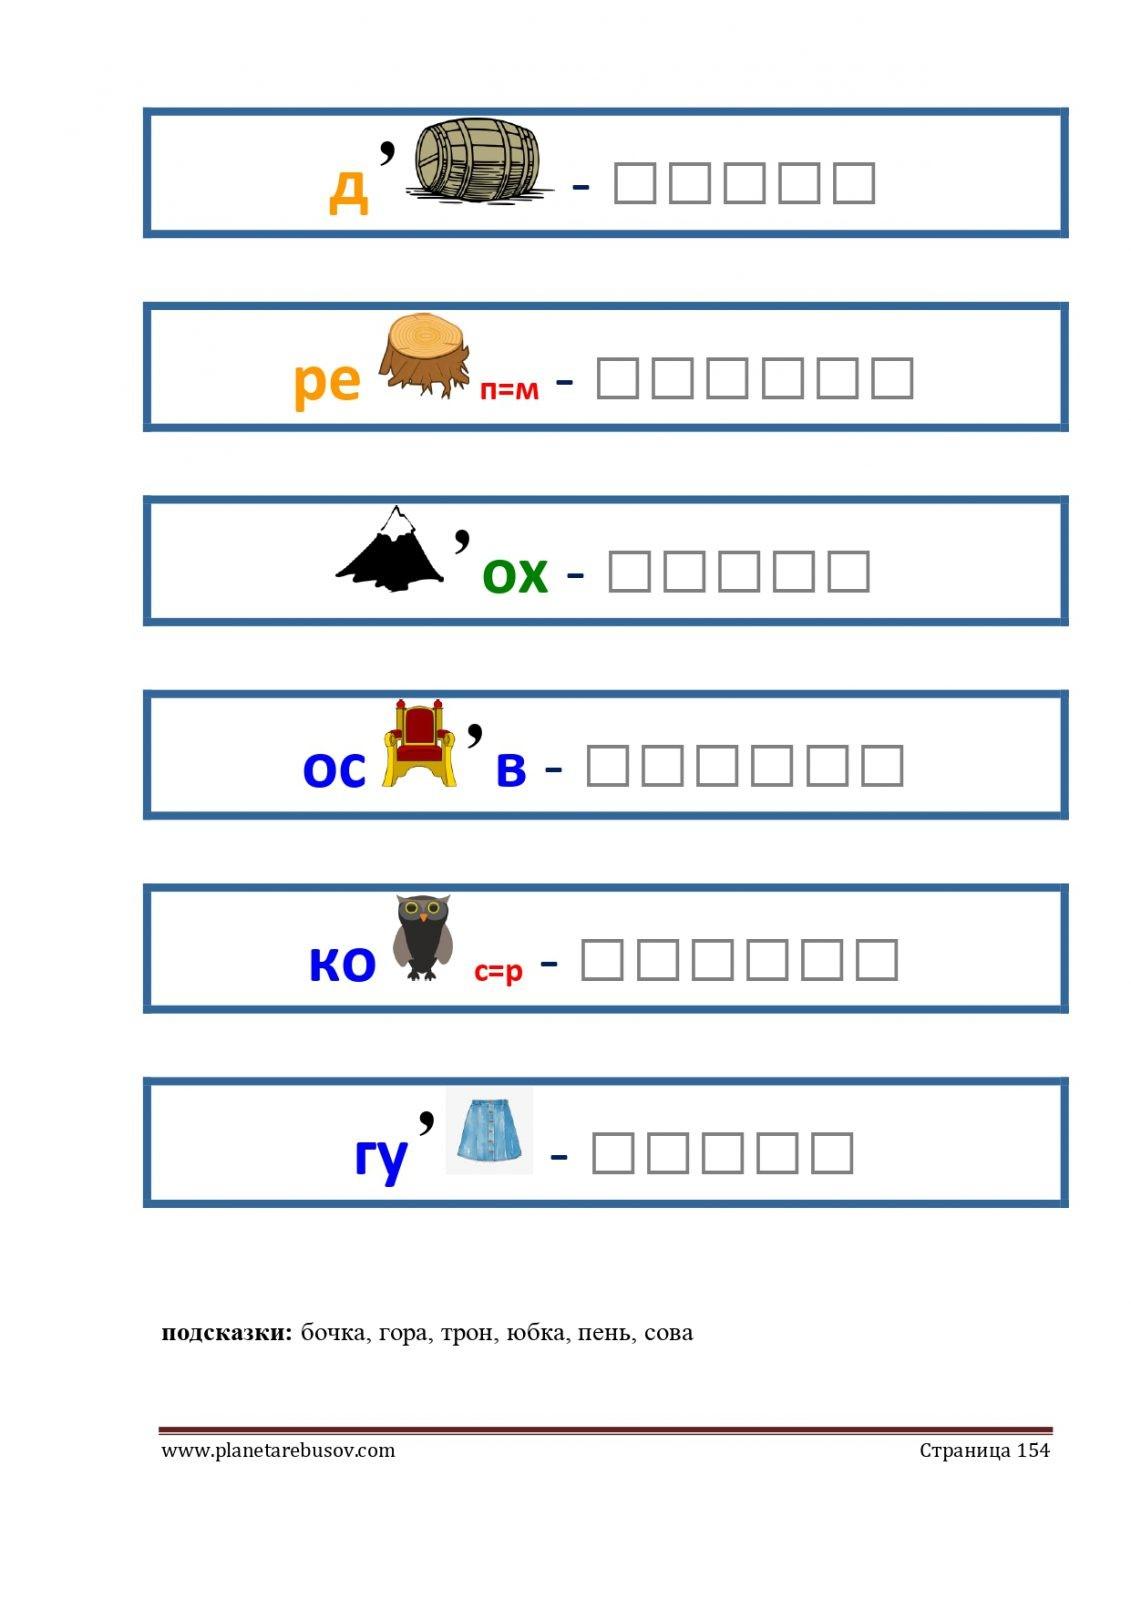 Ребусы: дочка, горох, остров, губка, ремень, корова